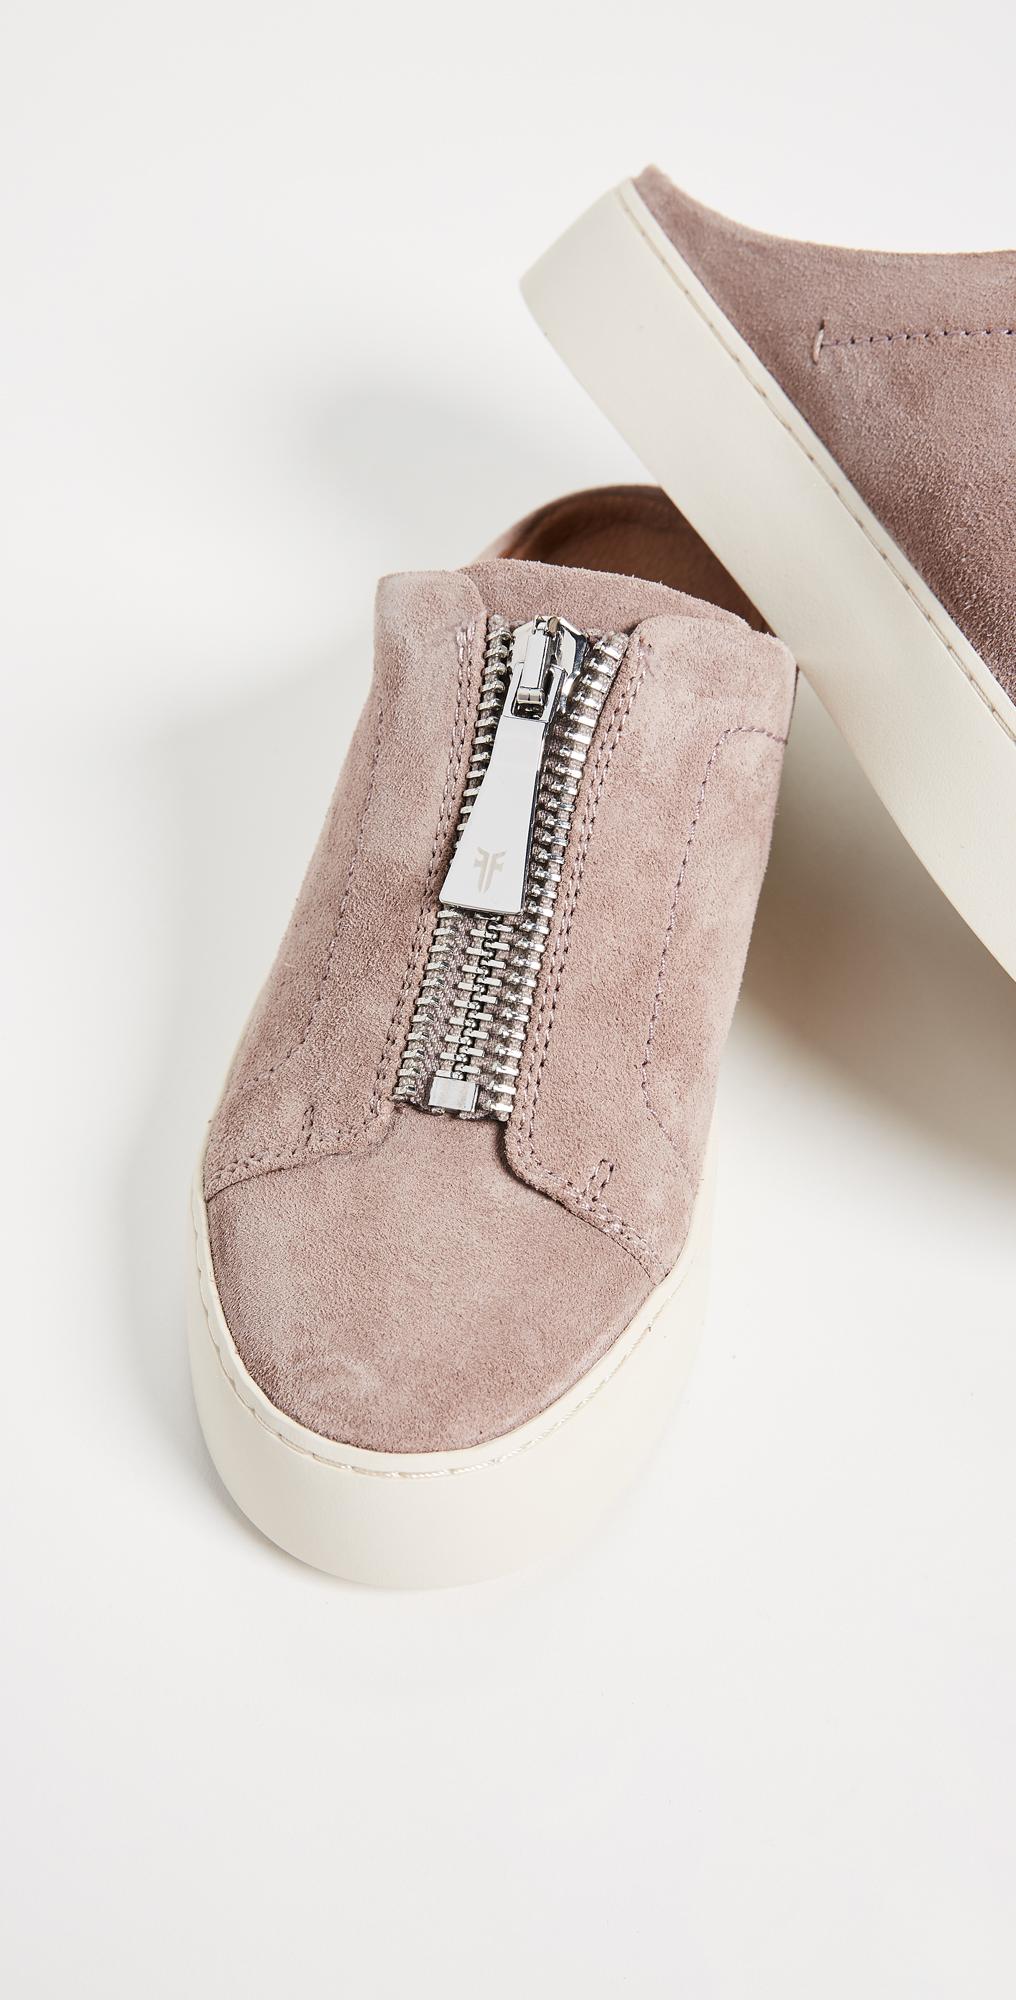 8b4588454101 Frye Lena Zip Mule Suede Sneakers